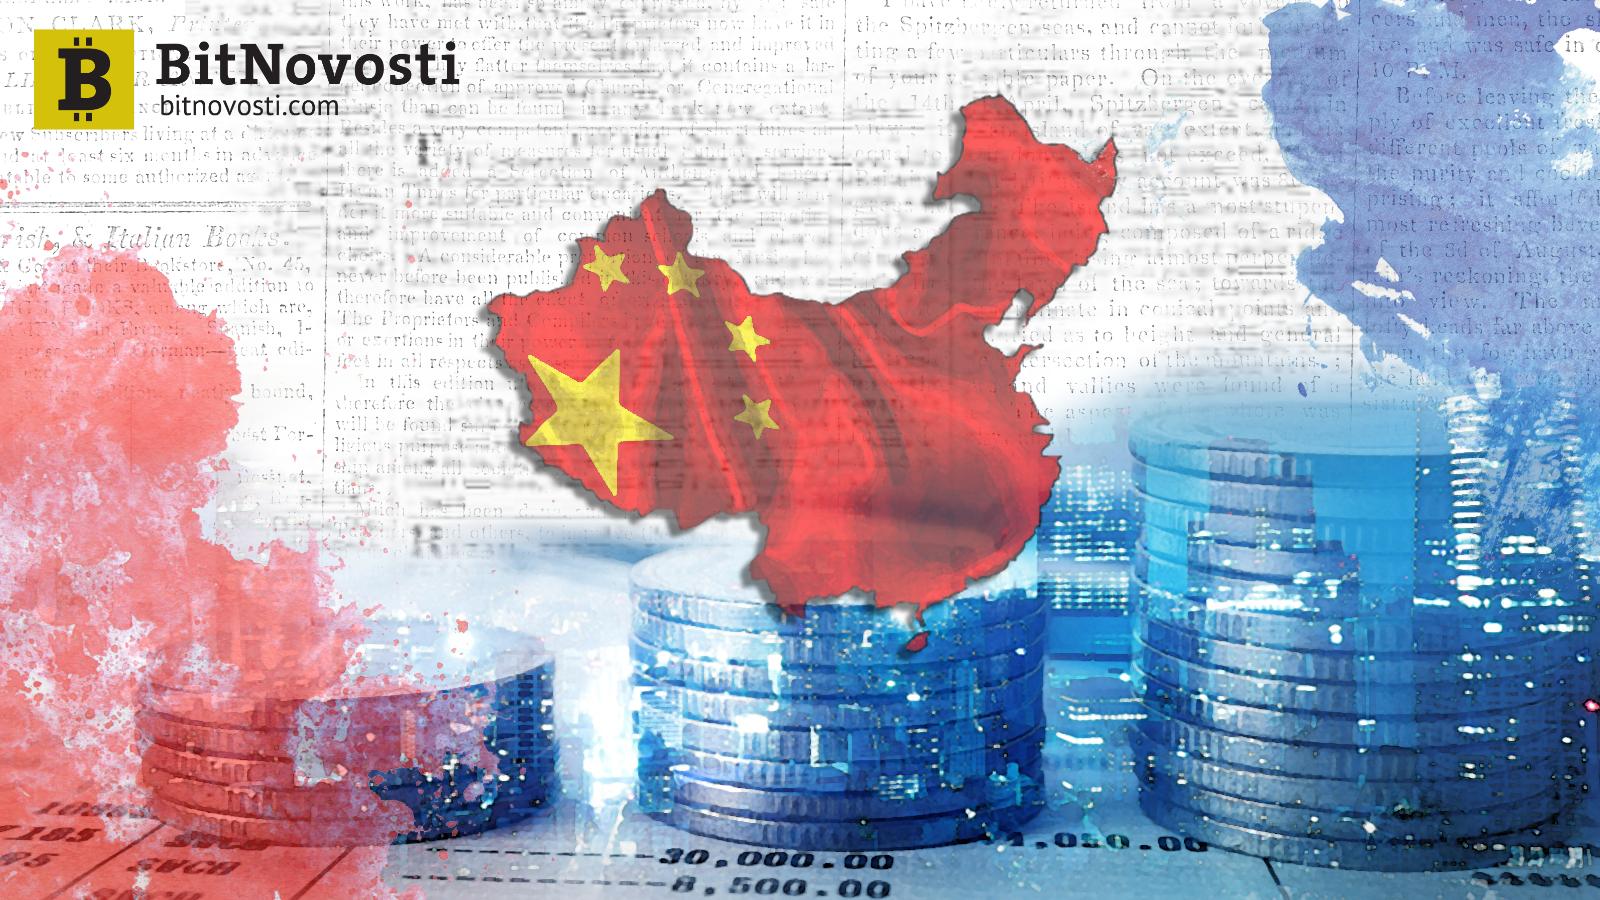 Министр финансов Китая считает, что блокчейн поменял общество